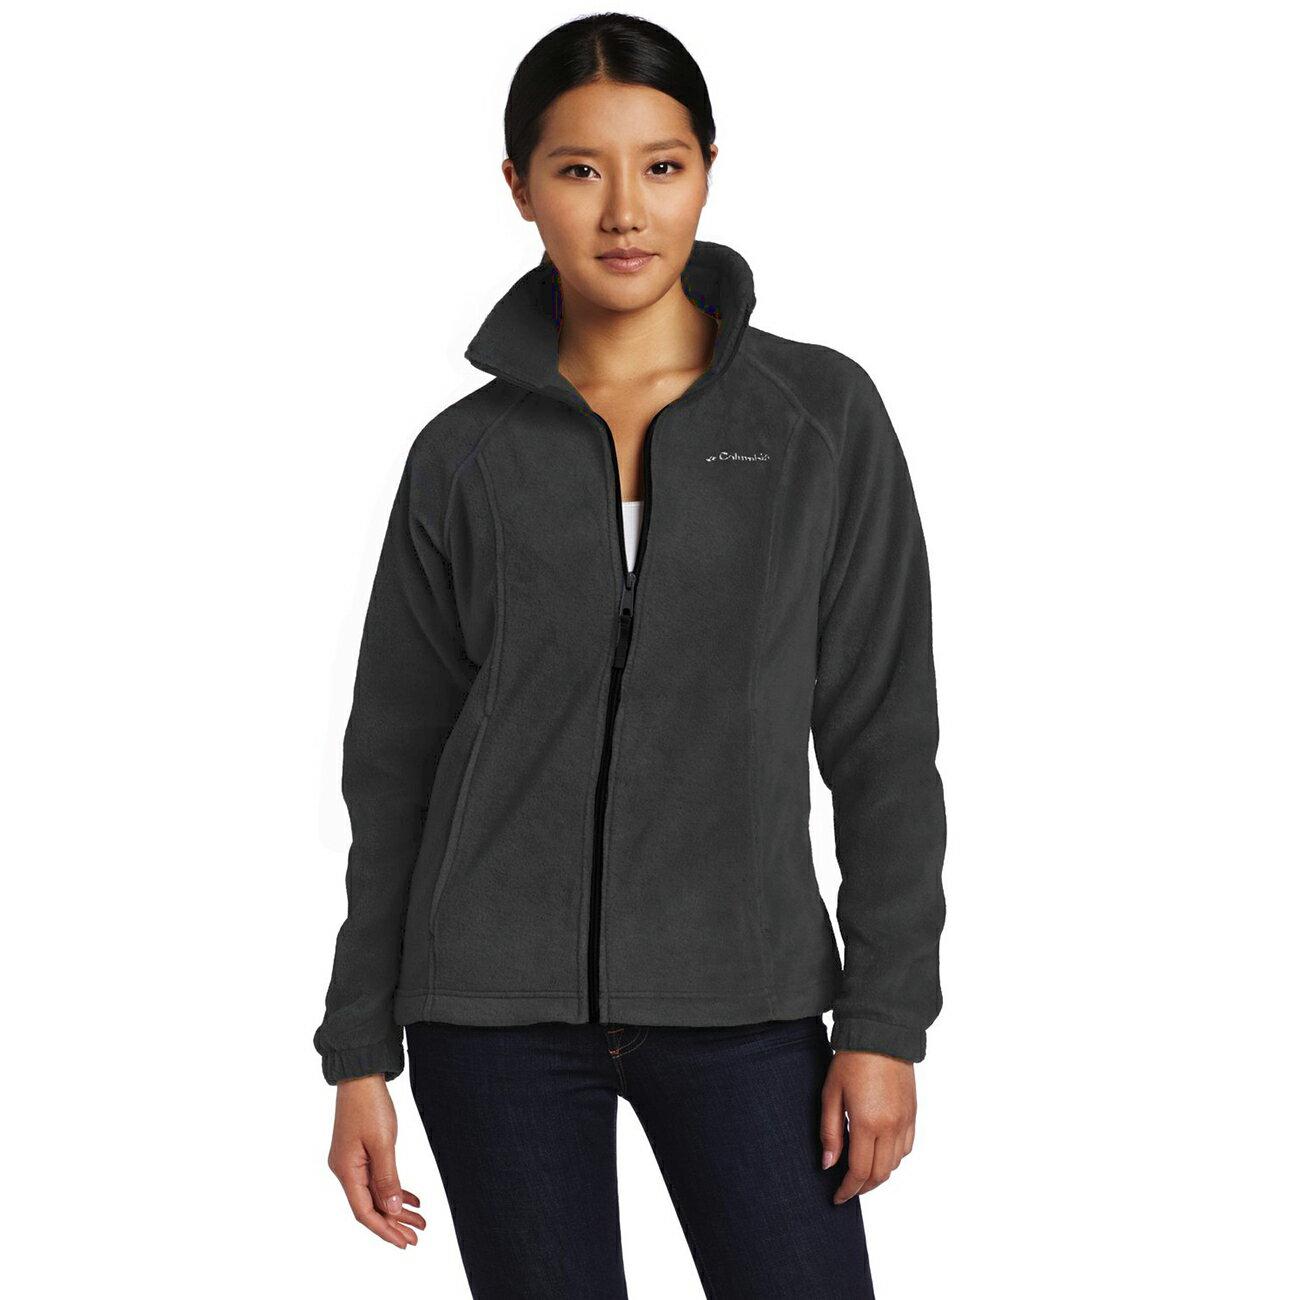 美國百分百【全新真品】Columbia 外套 刷毛 立領 輕巧 fleece 保暖 哥倫比亞 灰色 女 XS號 B534